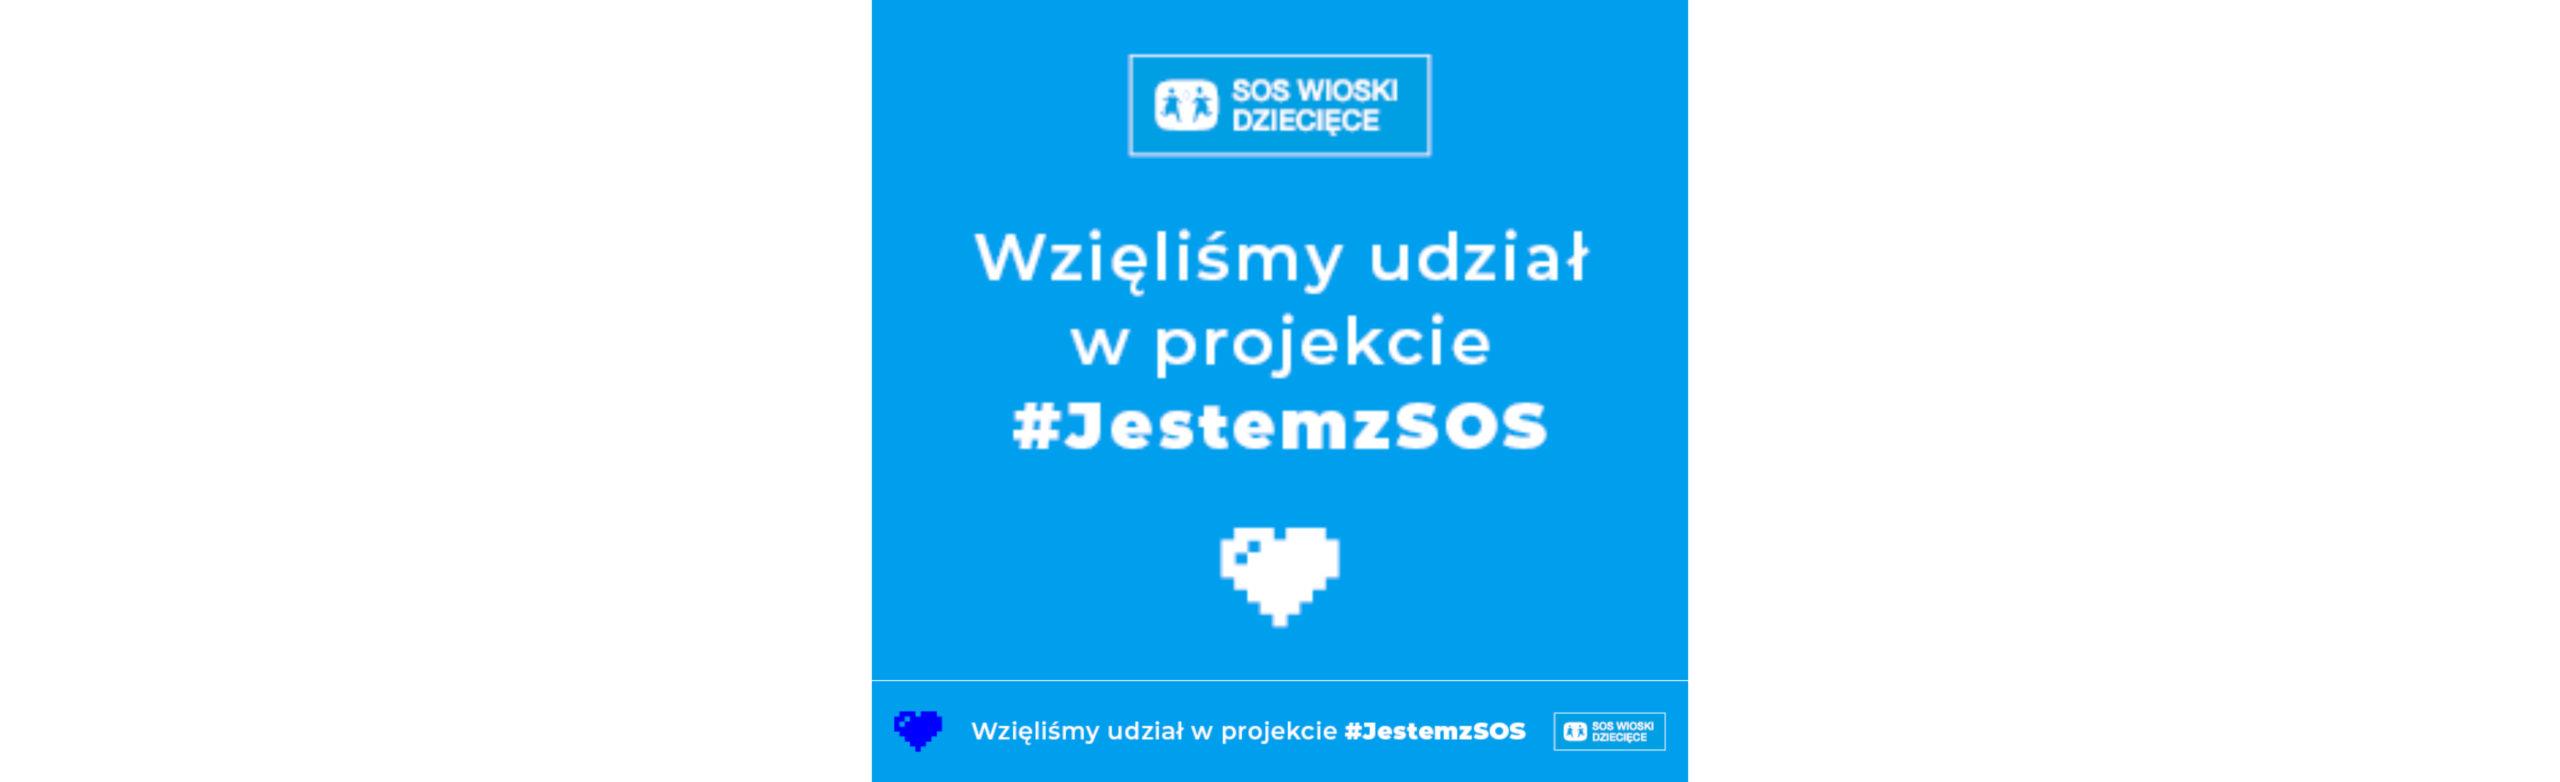 """Uczestniczyliśmy w projekcie """"Jestem z SOS'' promującym tolerancję wobec dzieci, podopiecznych pieczy zastępczej w Polsce."""